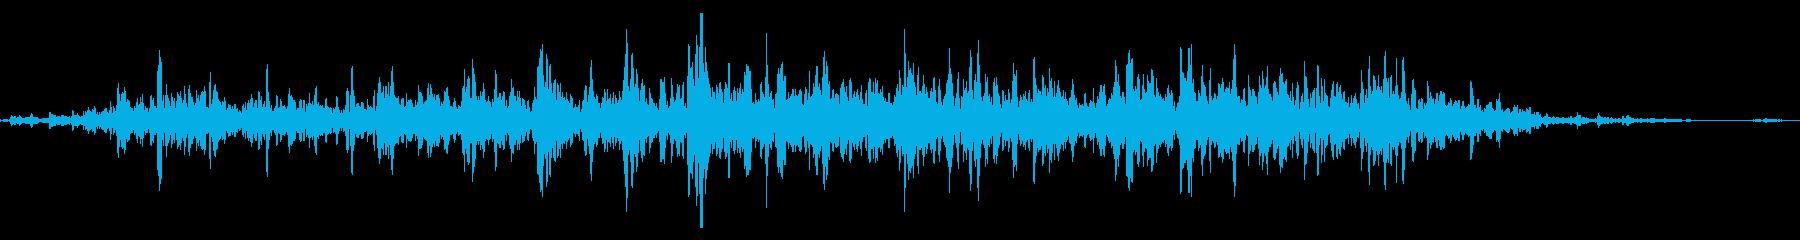 シャラシャラ(鈴の音・優し目)の再生済みの波形